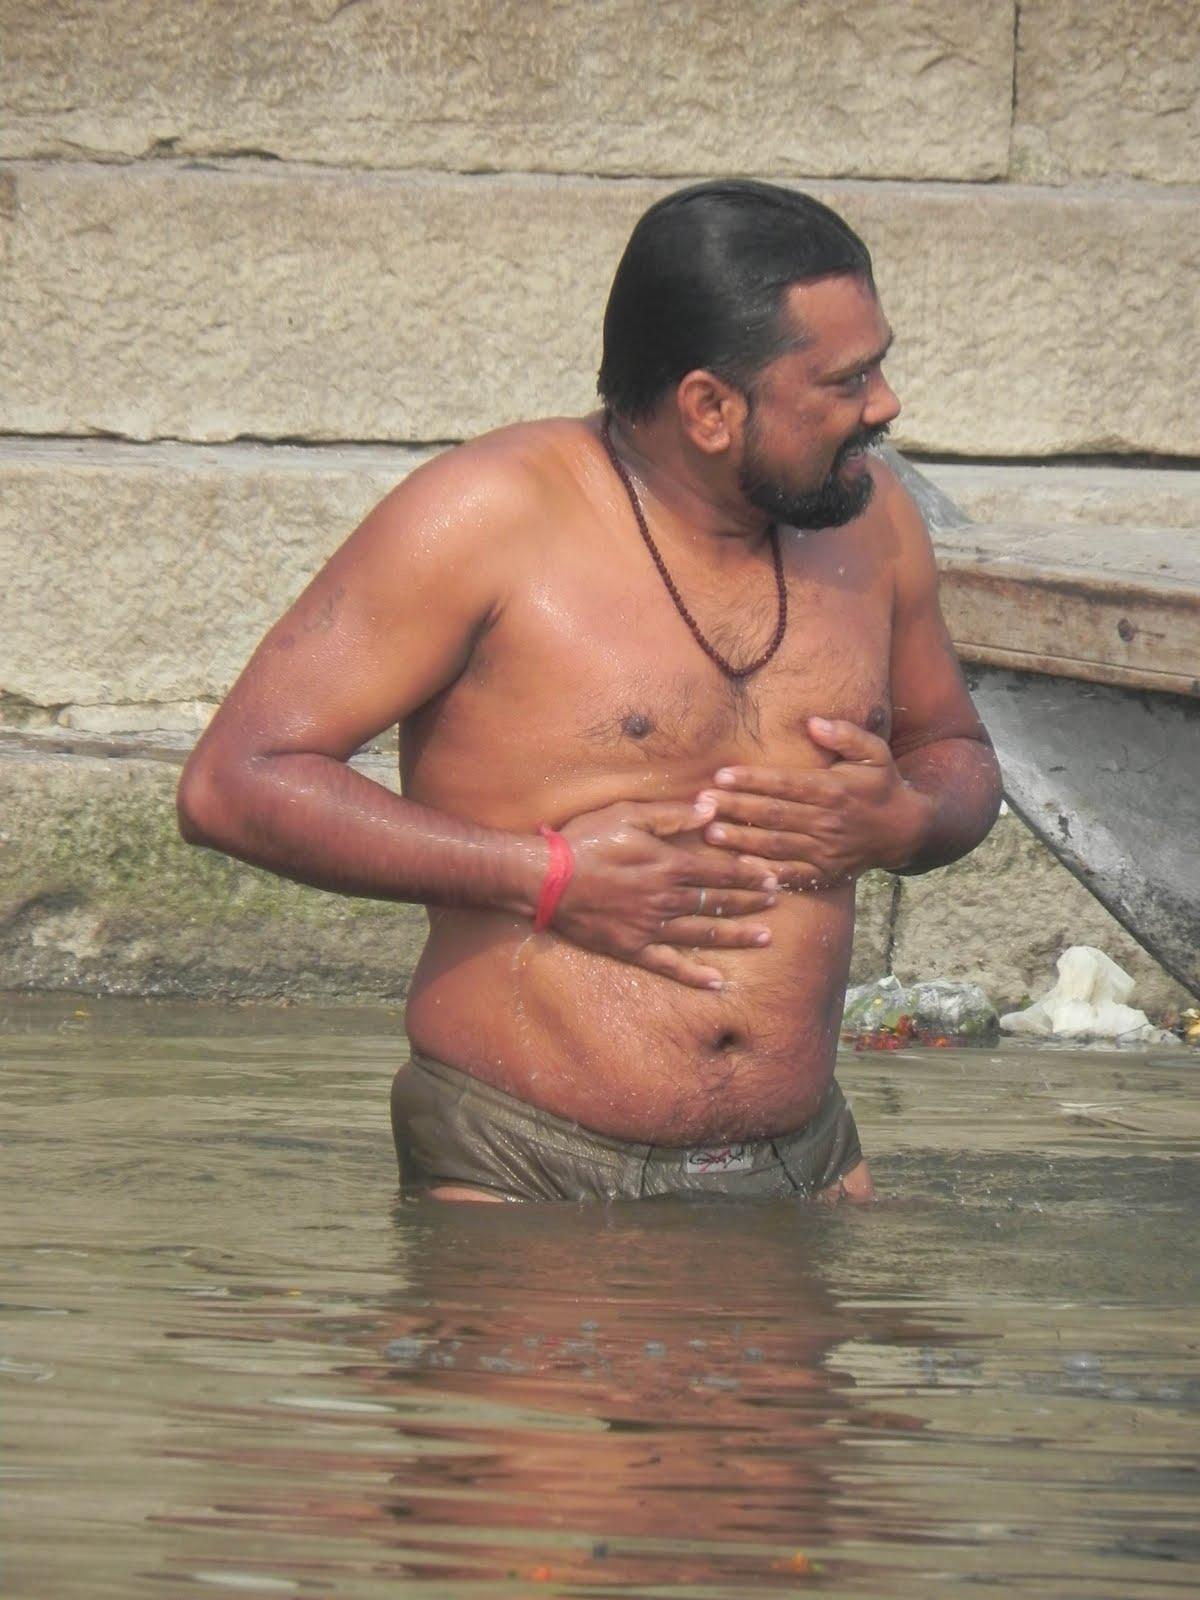 Man bathing cumshot photo 100